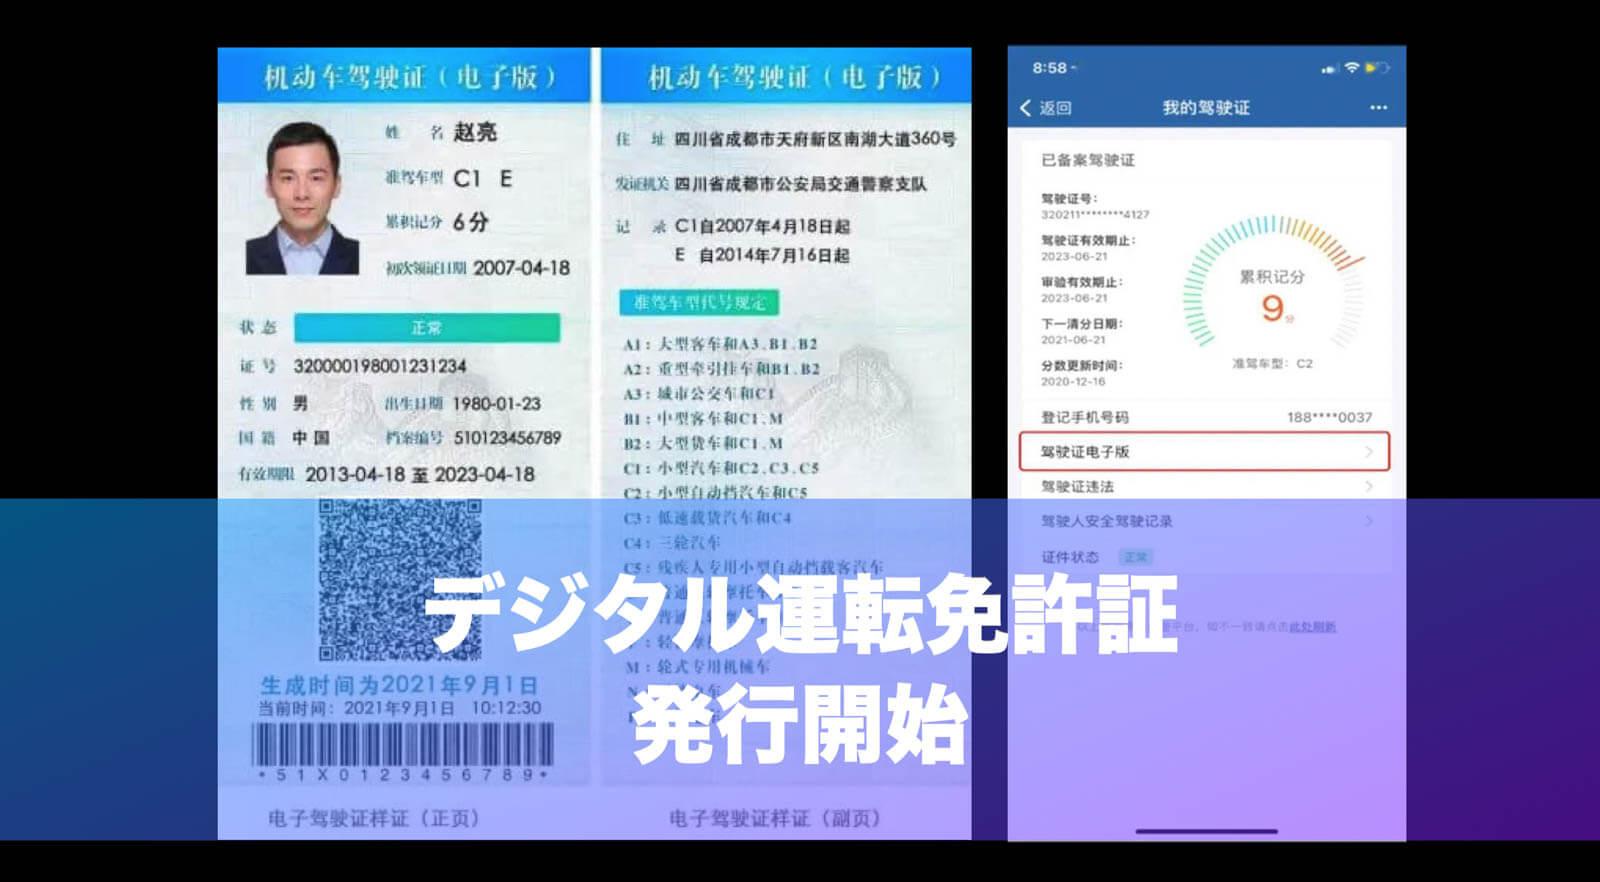 【デジタル運転免許証】深センなど全国28都市で発行開始(9/1-)